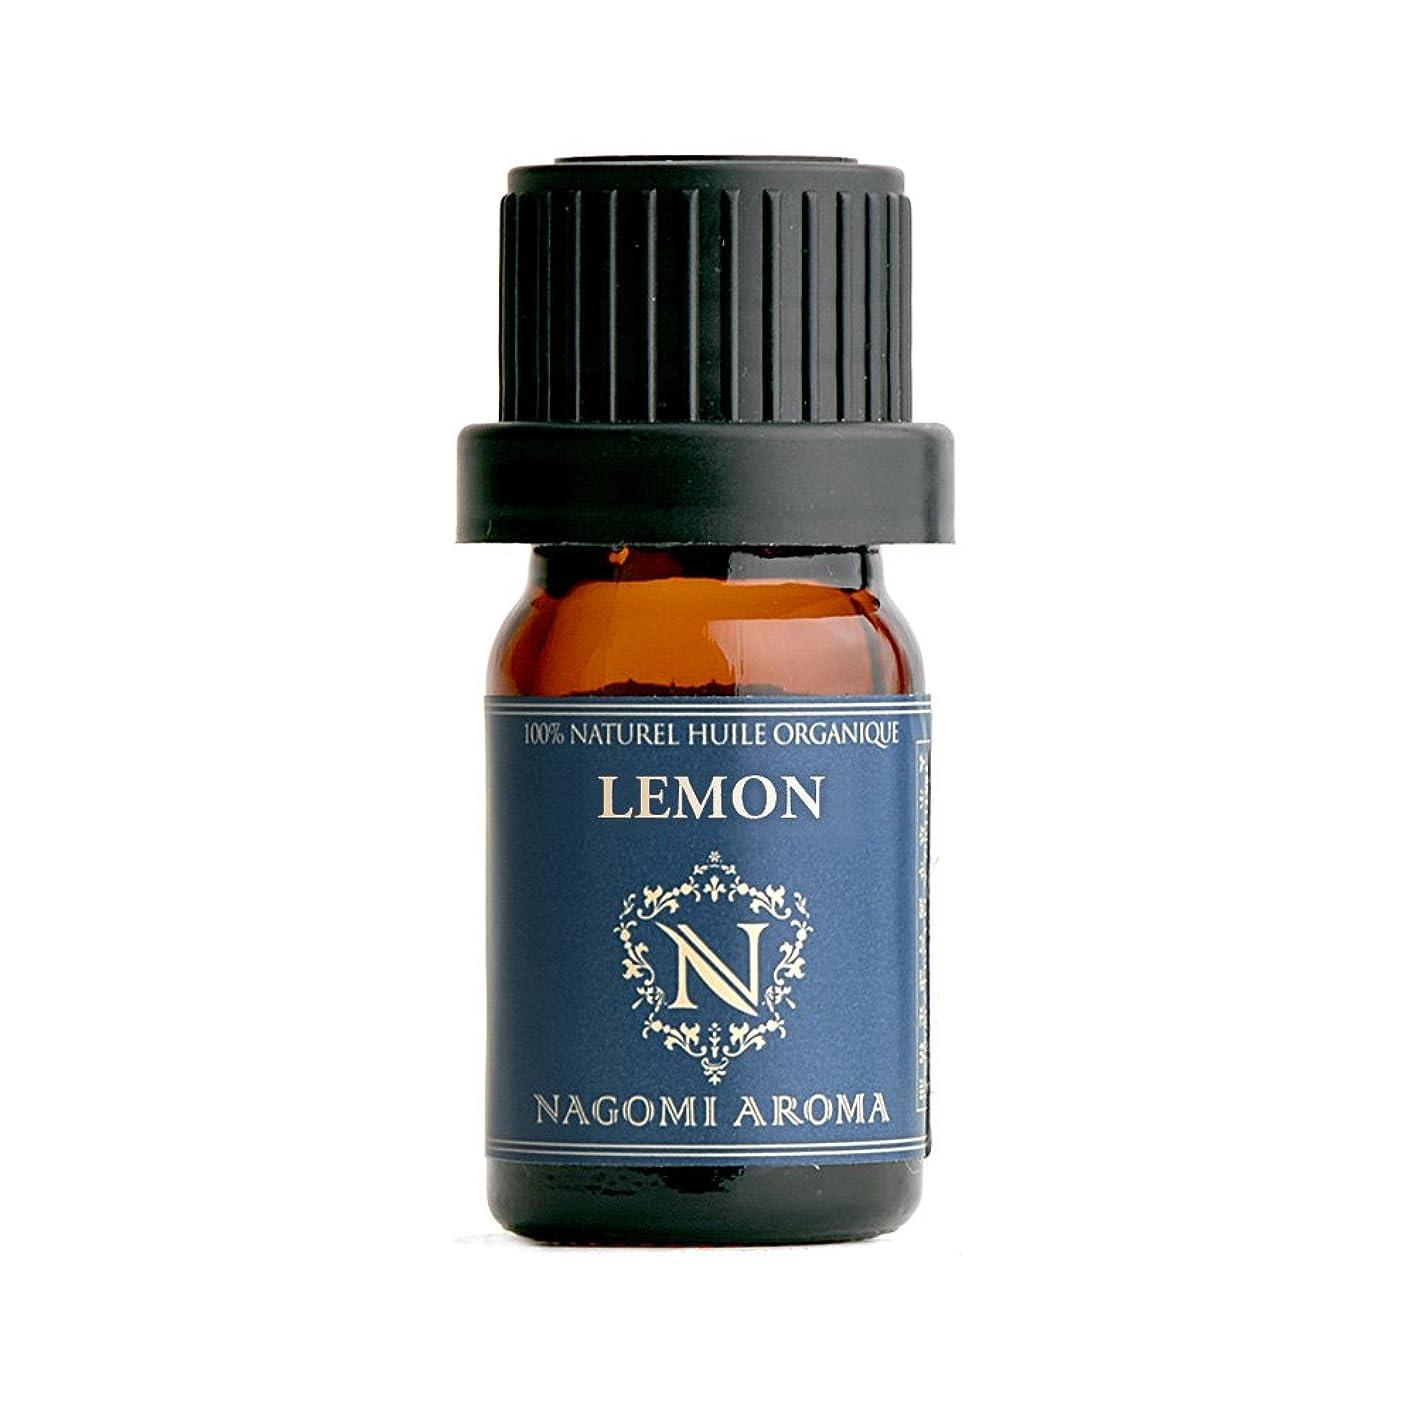 ブロー同志蒸留NAGOMI AROMA オーガニック レモン 5ml 【AEAJ認定精油】【アロマオイル】